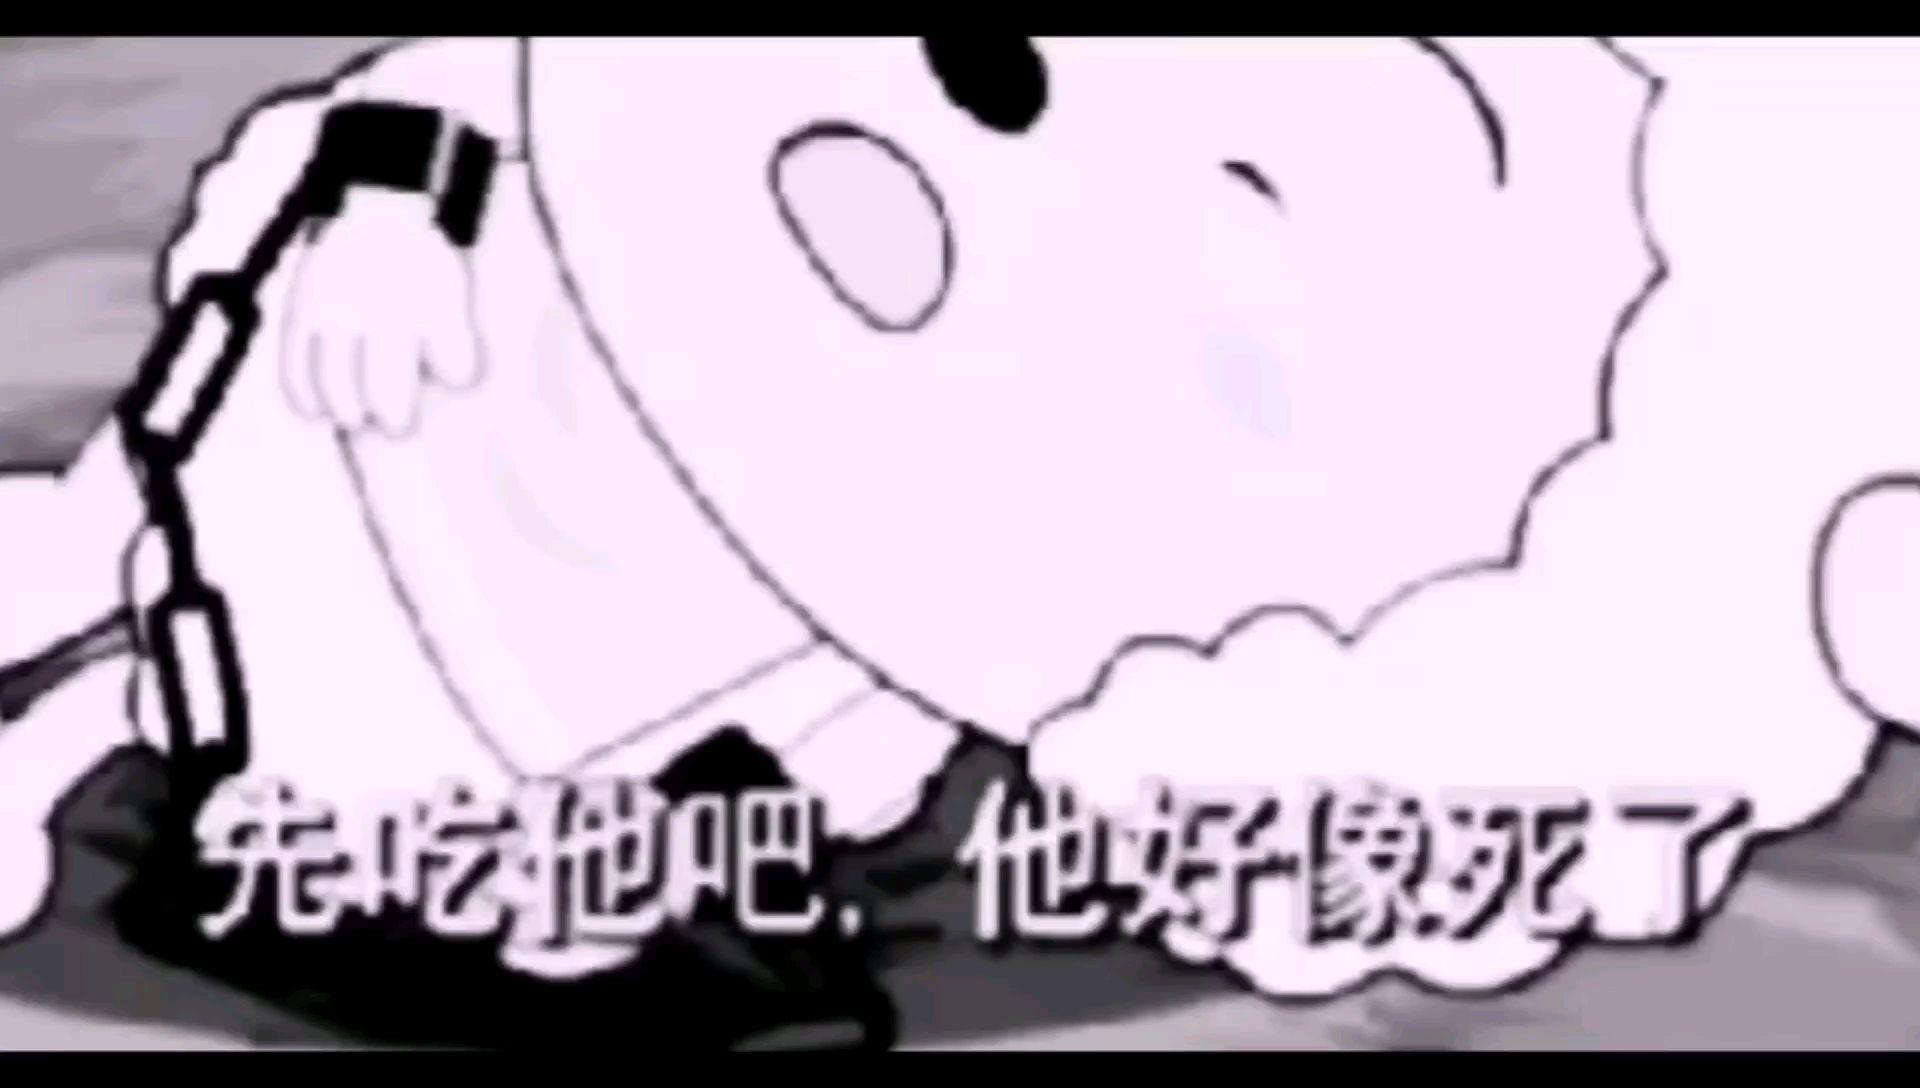 【跪求五蕉】懒羊羊:我谢谢你哦